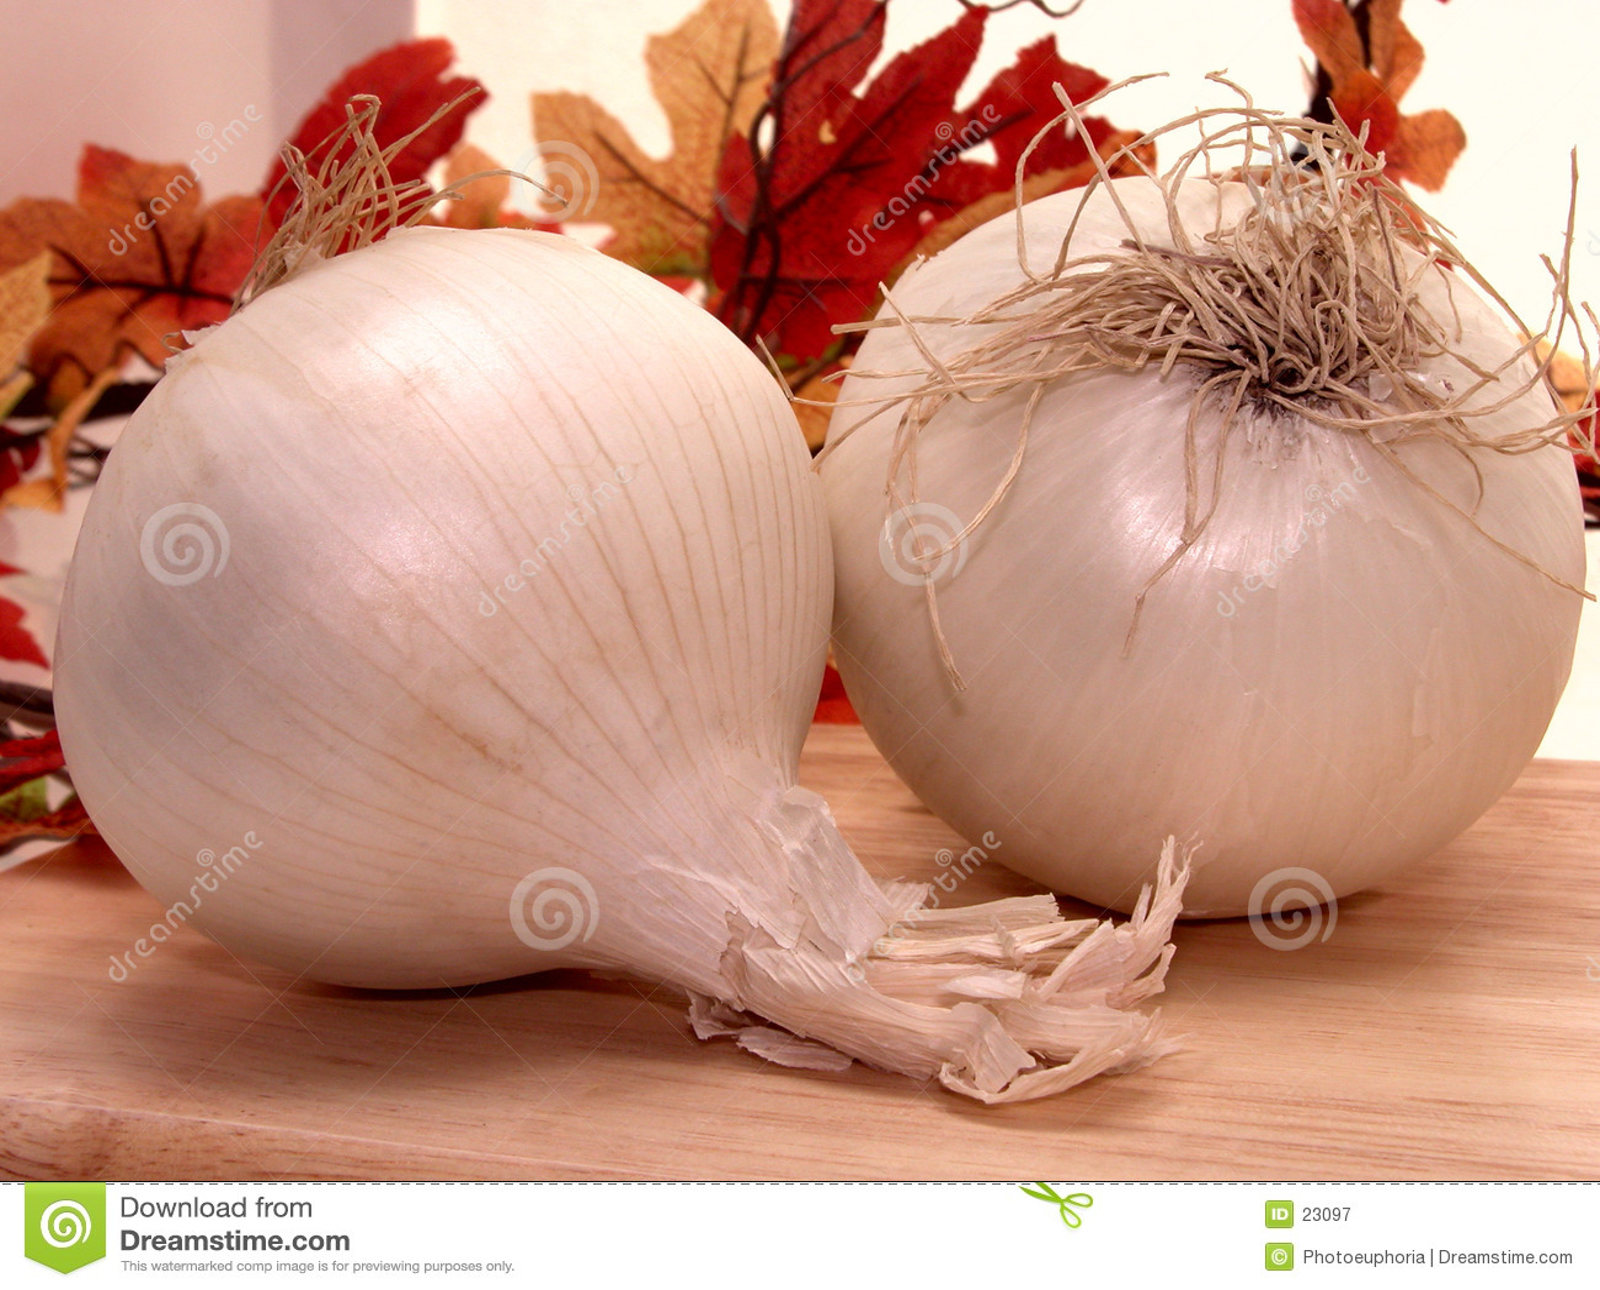 λευκό κρεμμυδιών τροφίμων